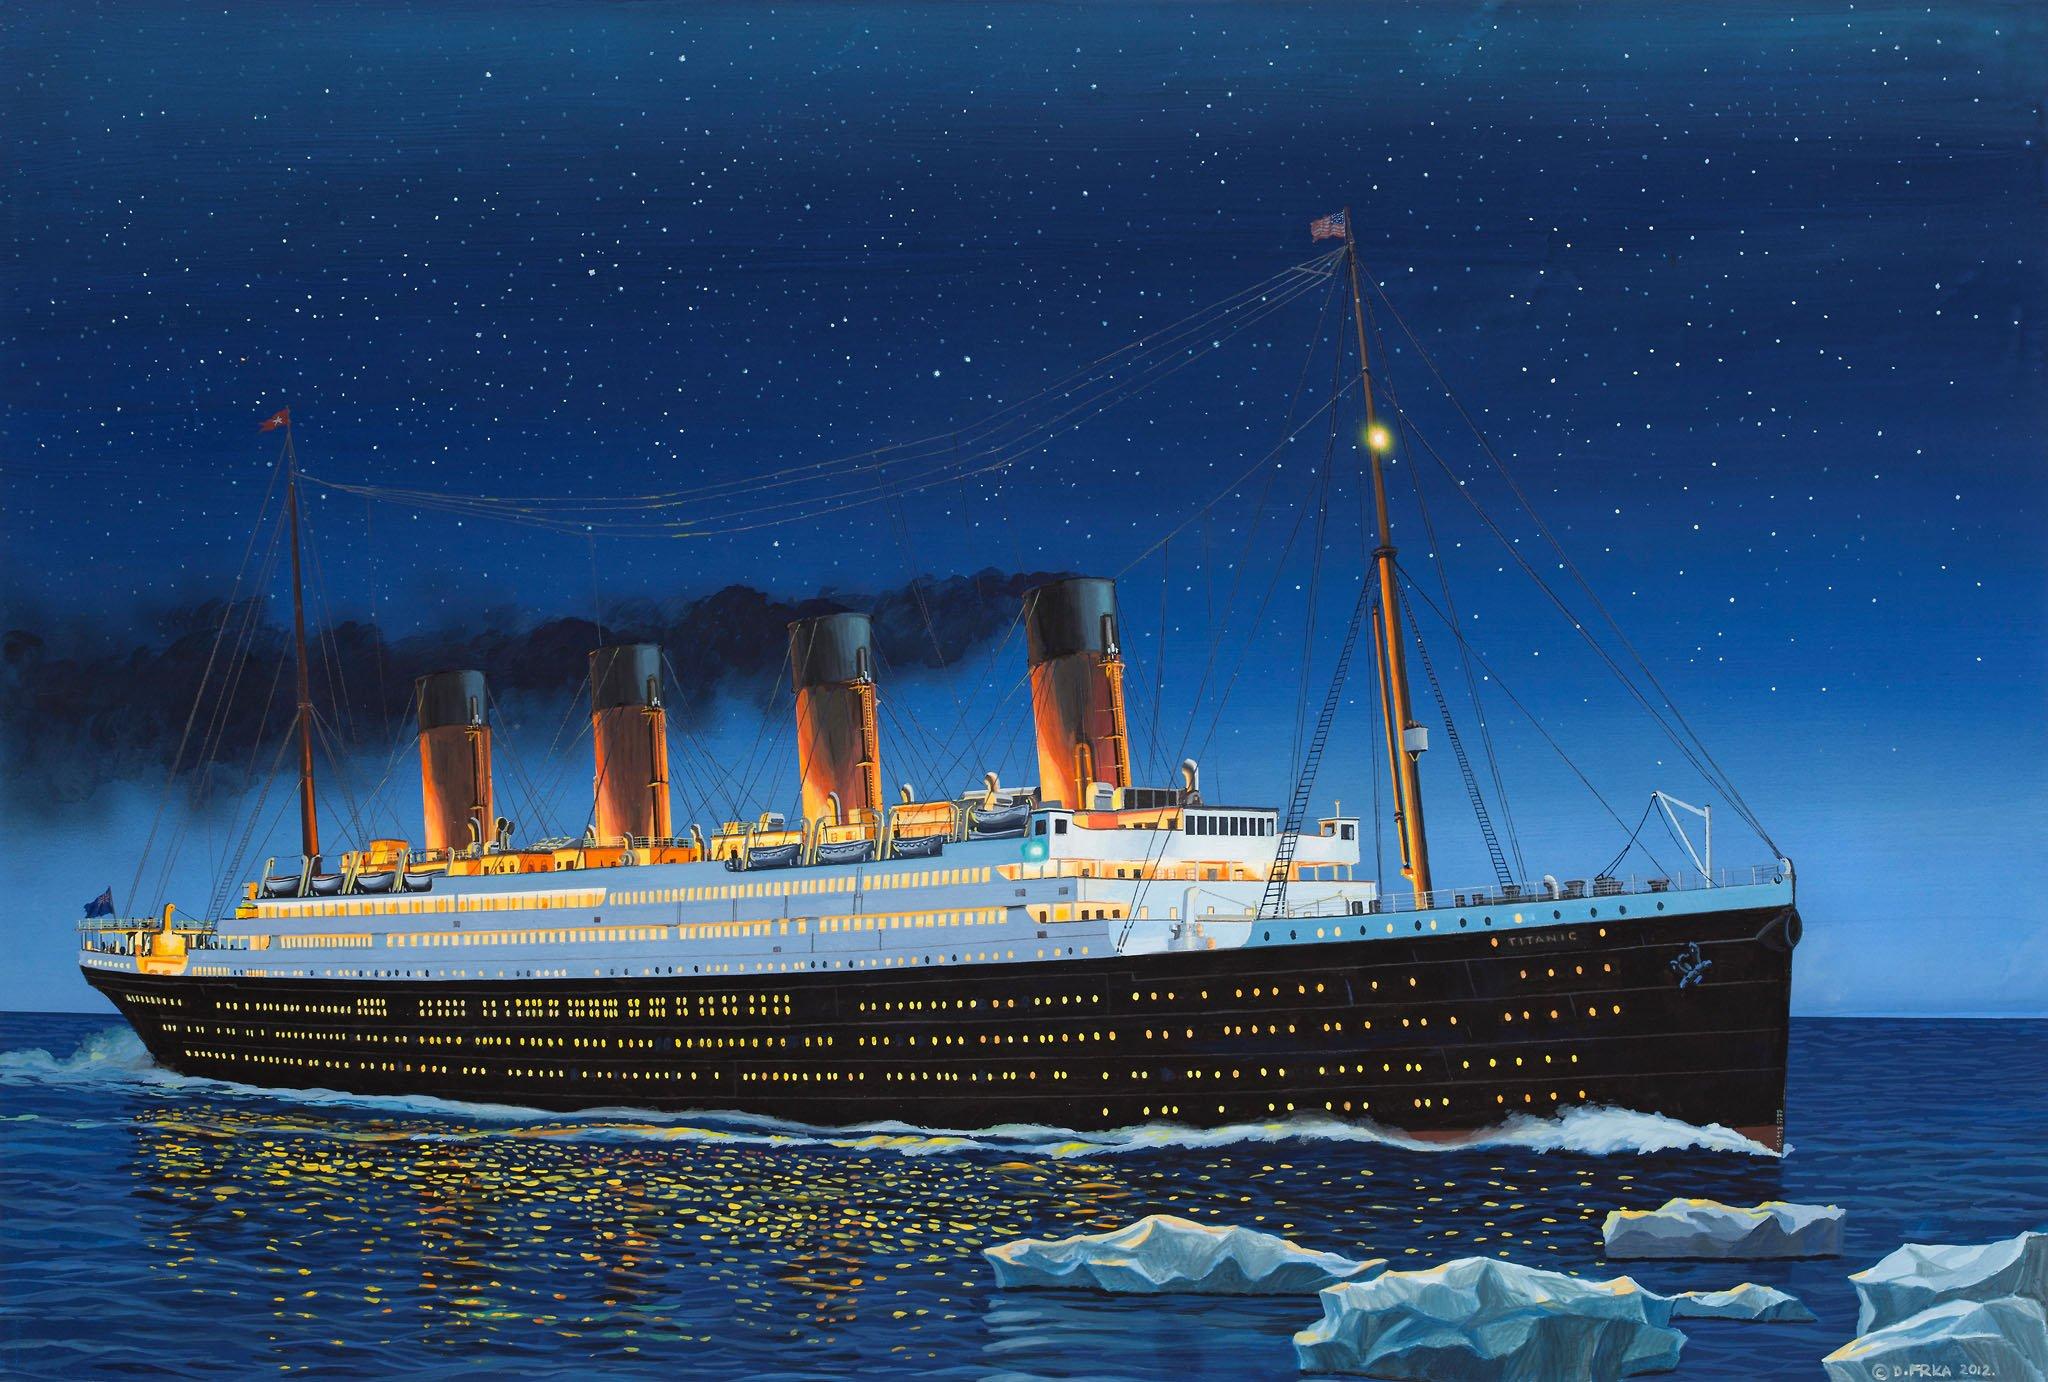 рисунок RMS Titanic